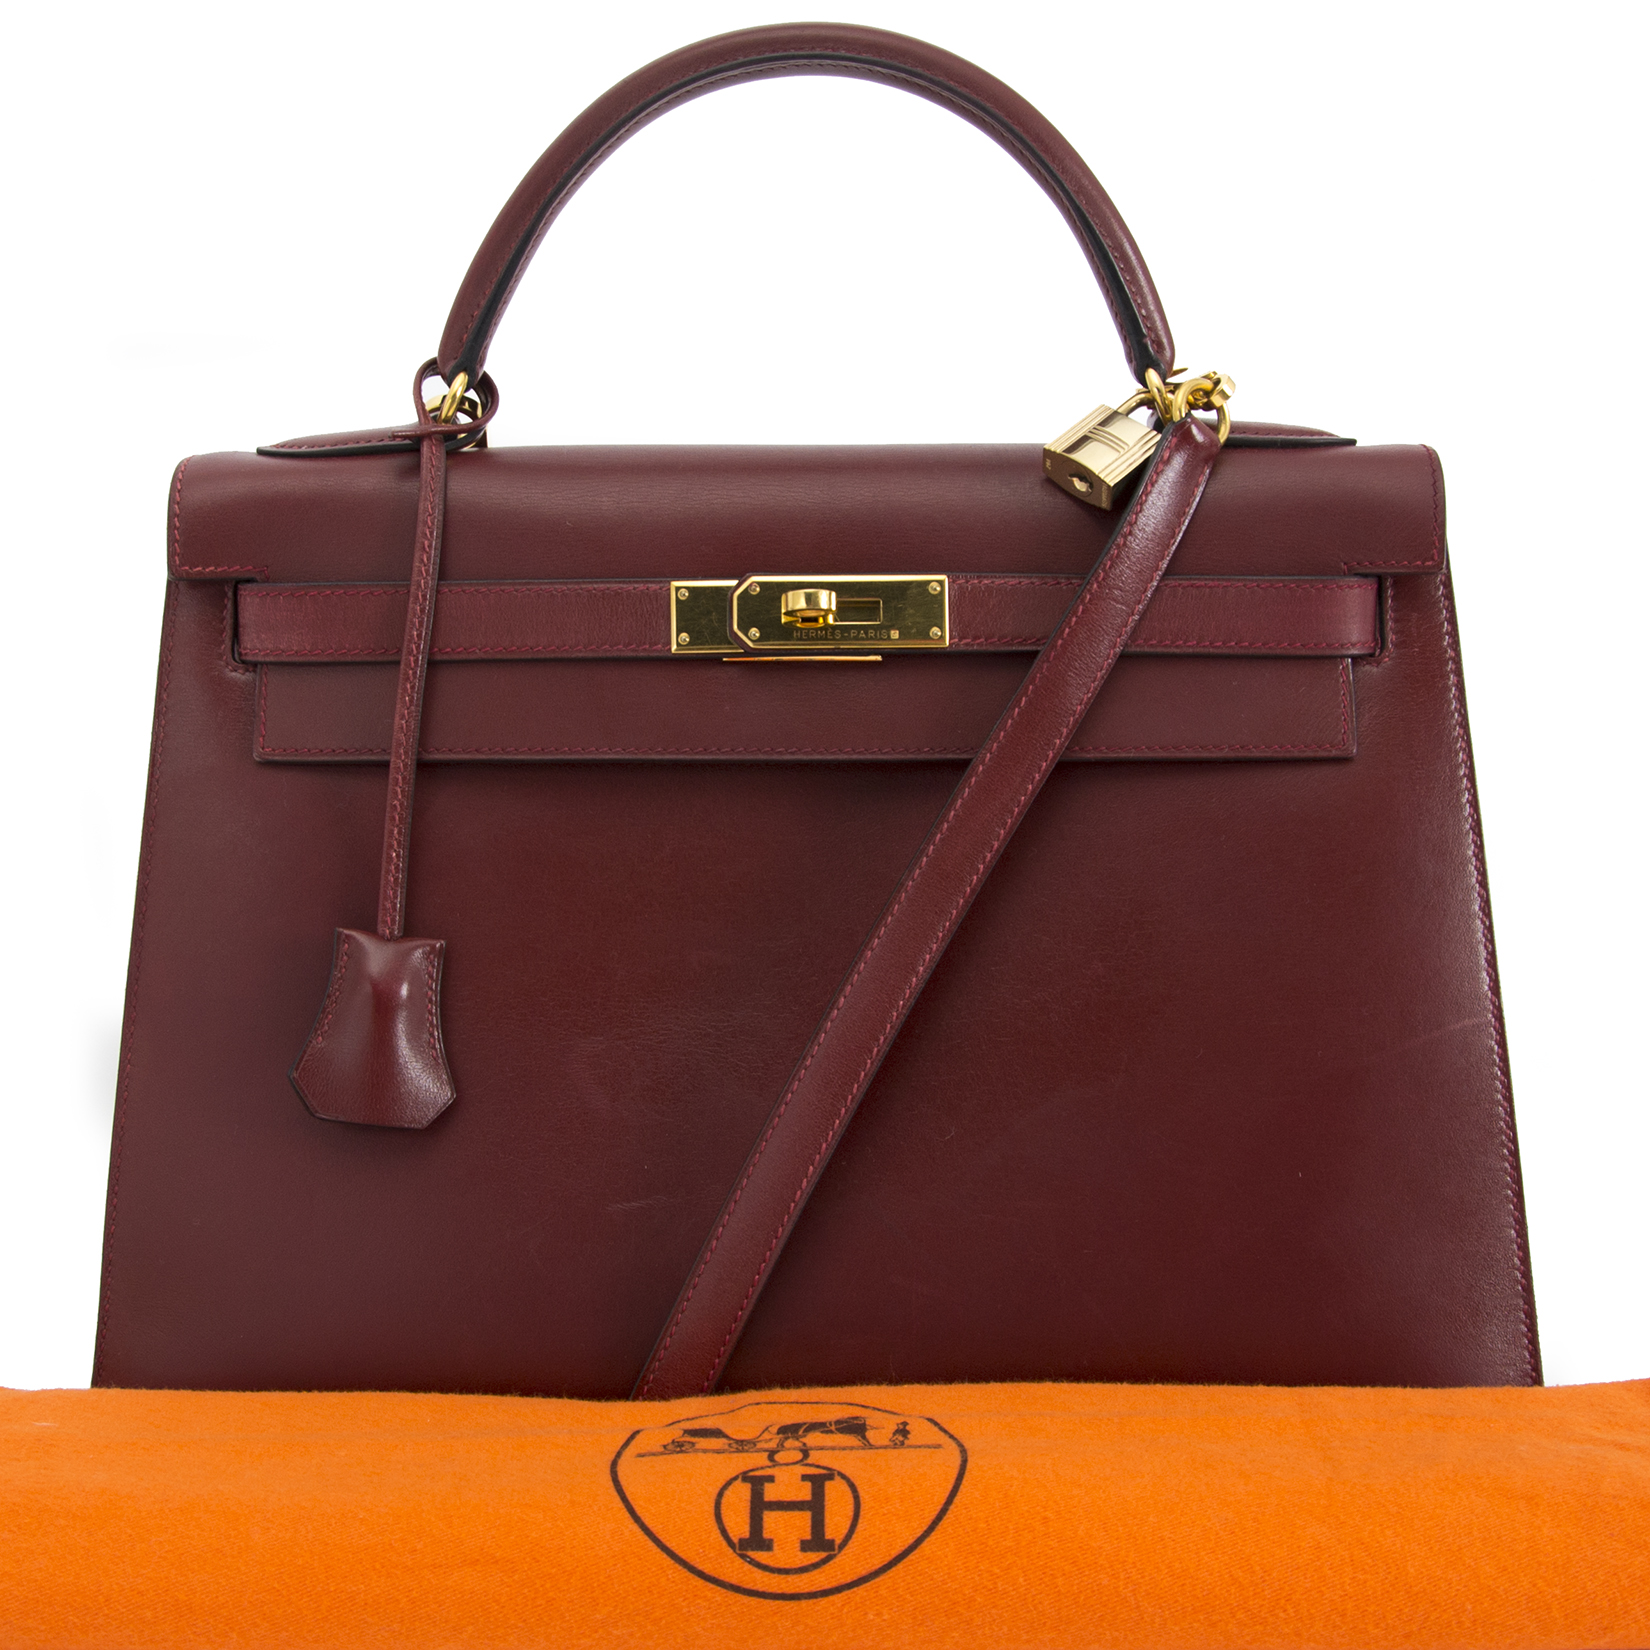 acheter en ligne pour le meilleur prix Hermes Kelly Sellier 32 Bordeaux Box Calf